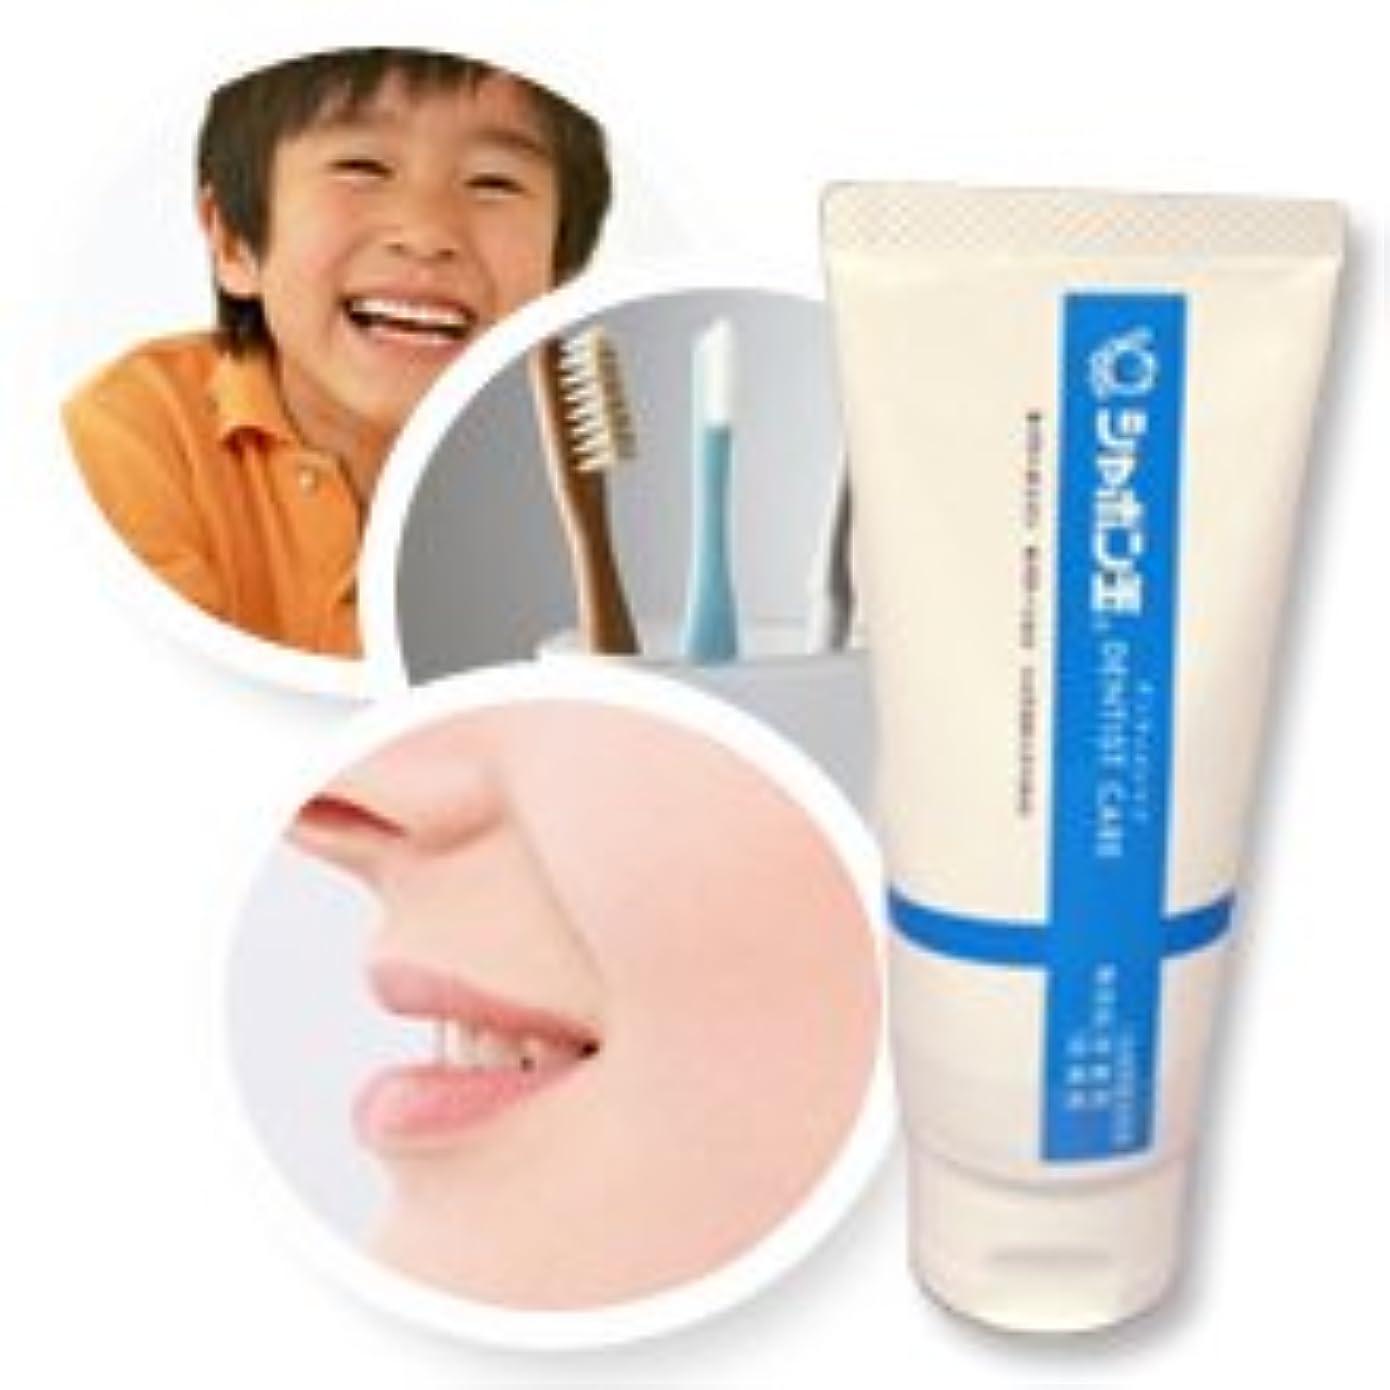 ケープ作成する昇進歯科医が開発した歯周病や口臭?虫歯が気になる方へ【歯磨き粉】【シャボン玉デンティストケア】